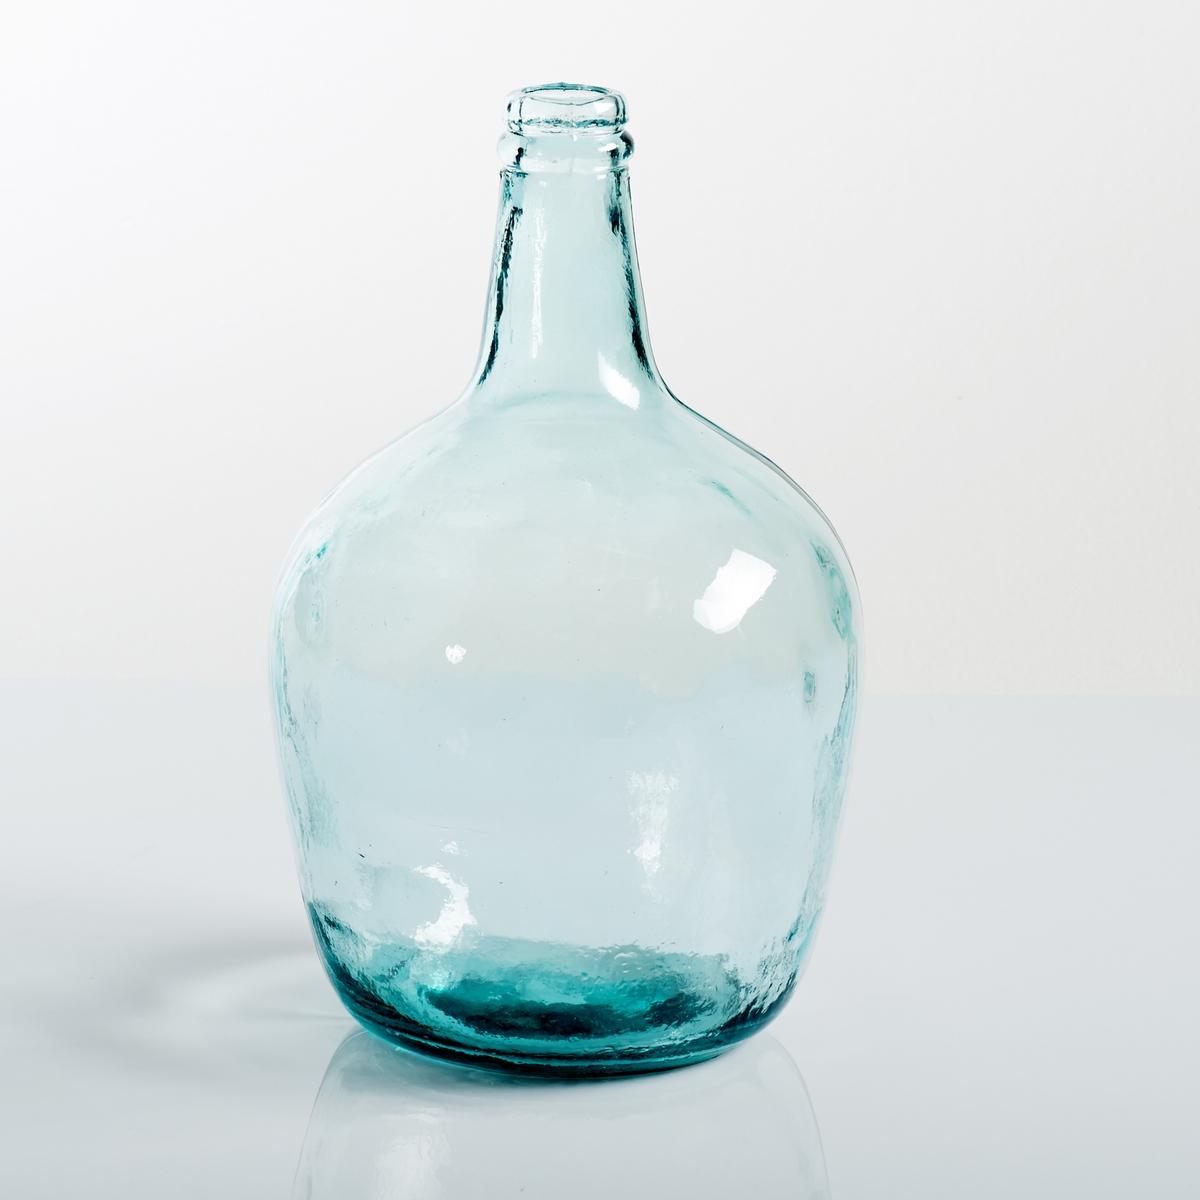 Вазы-бутыли стеклянные Izolia автобазар белая церьковь ваз